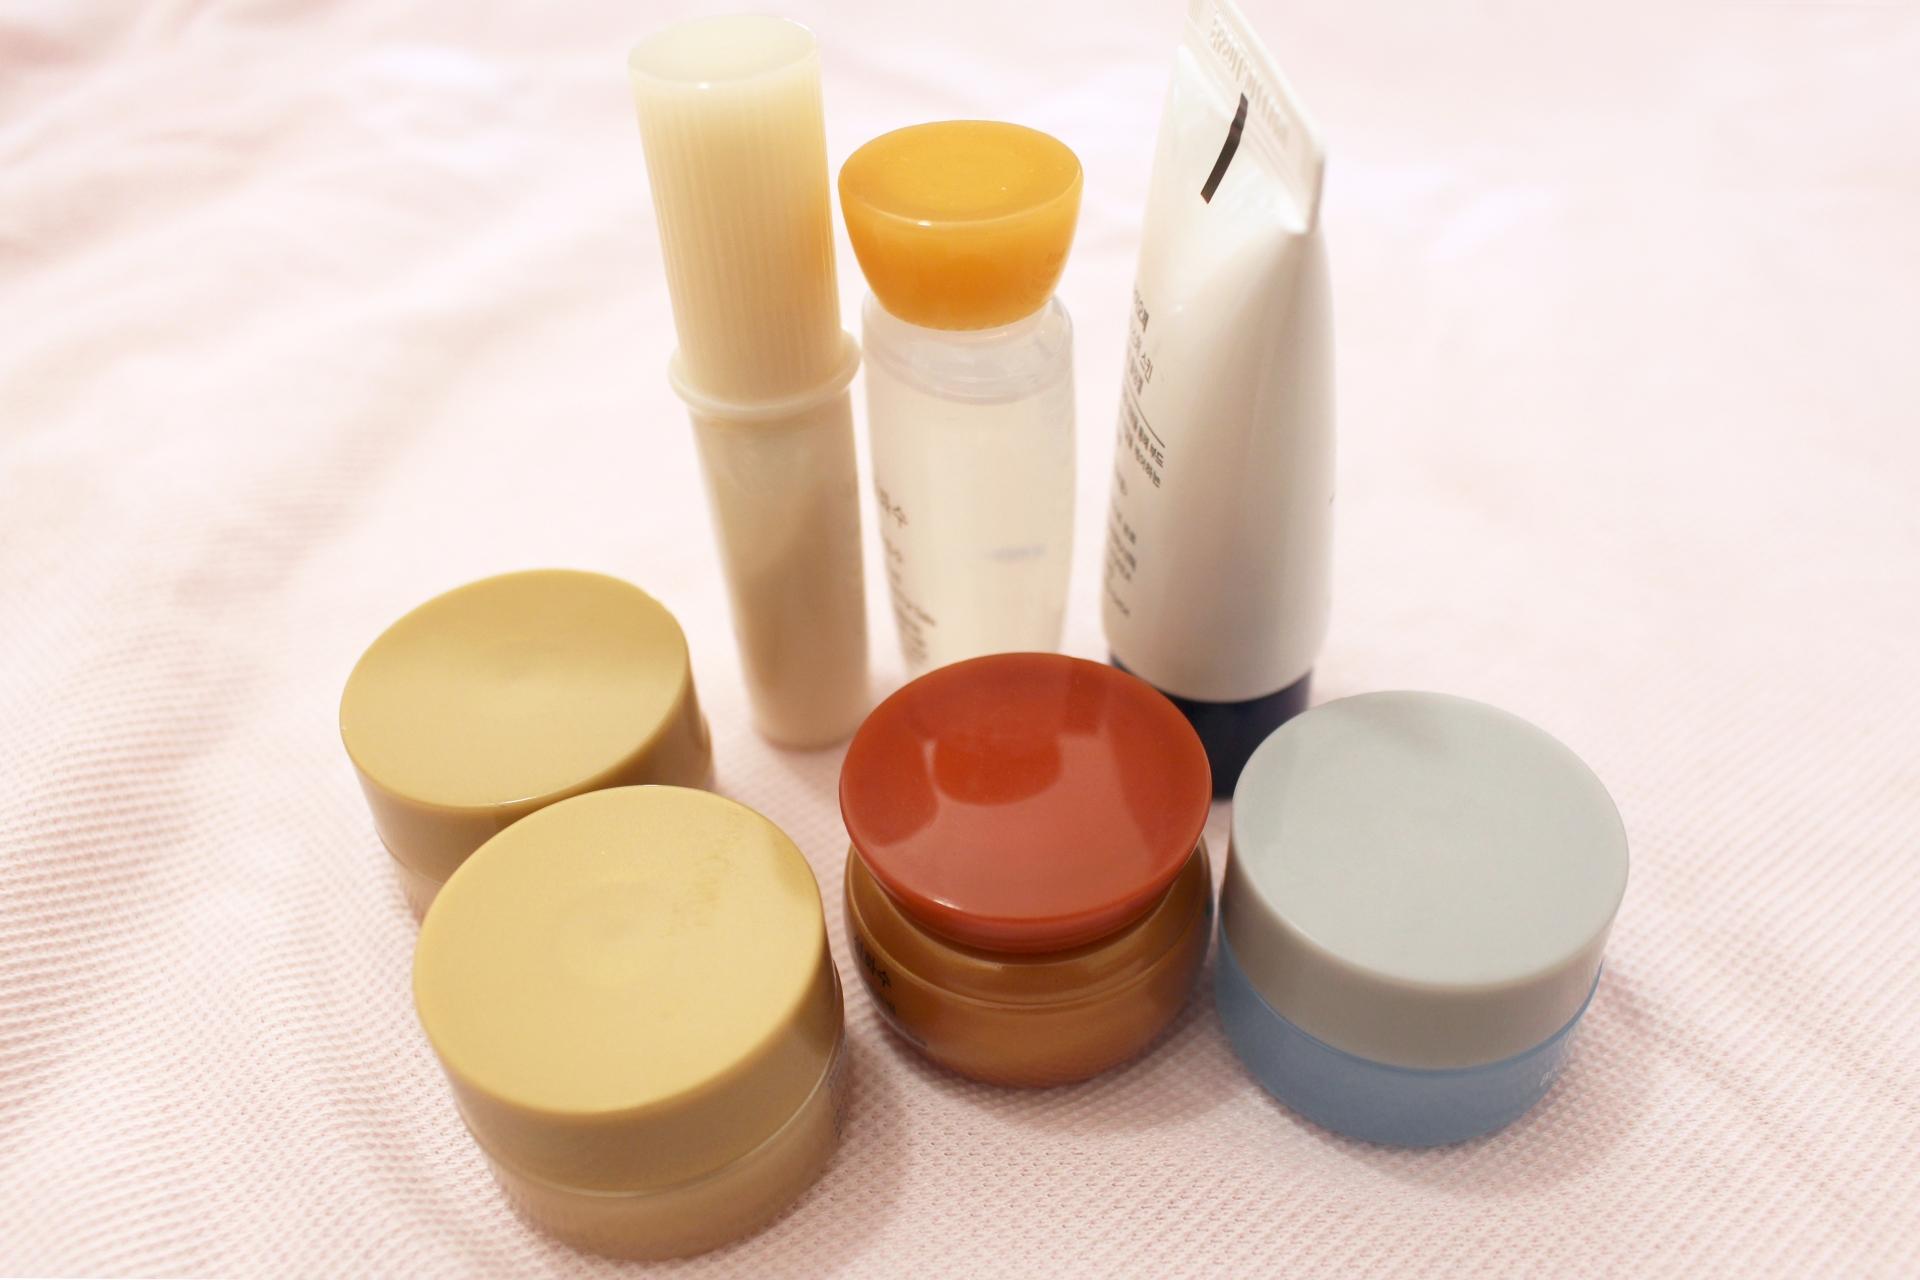 化粧品の試供品